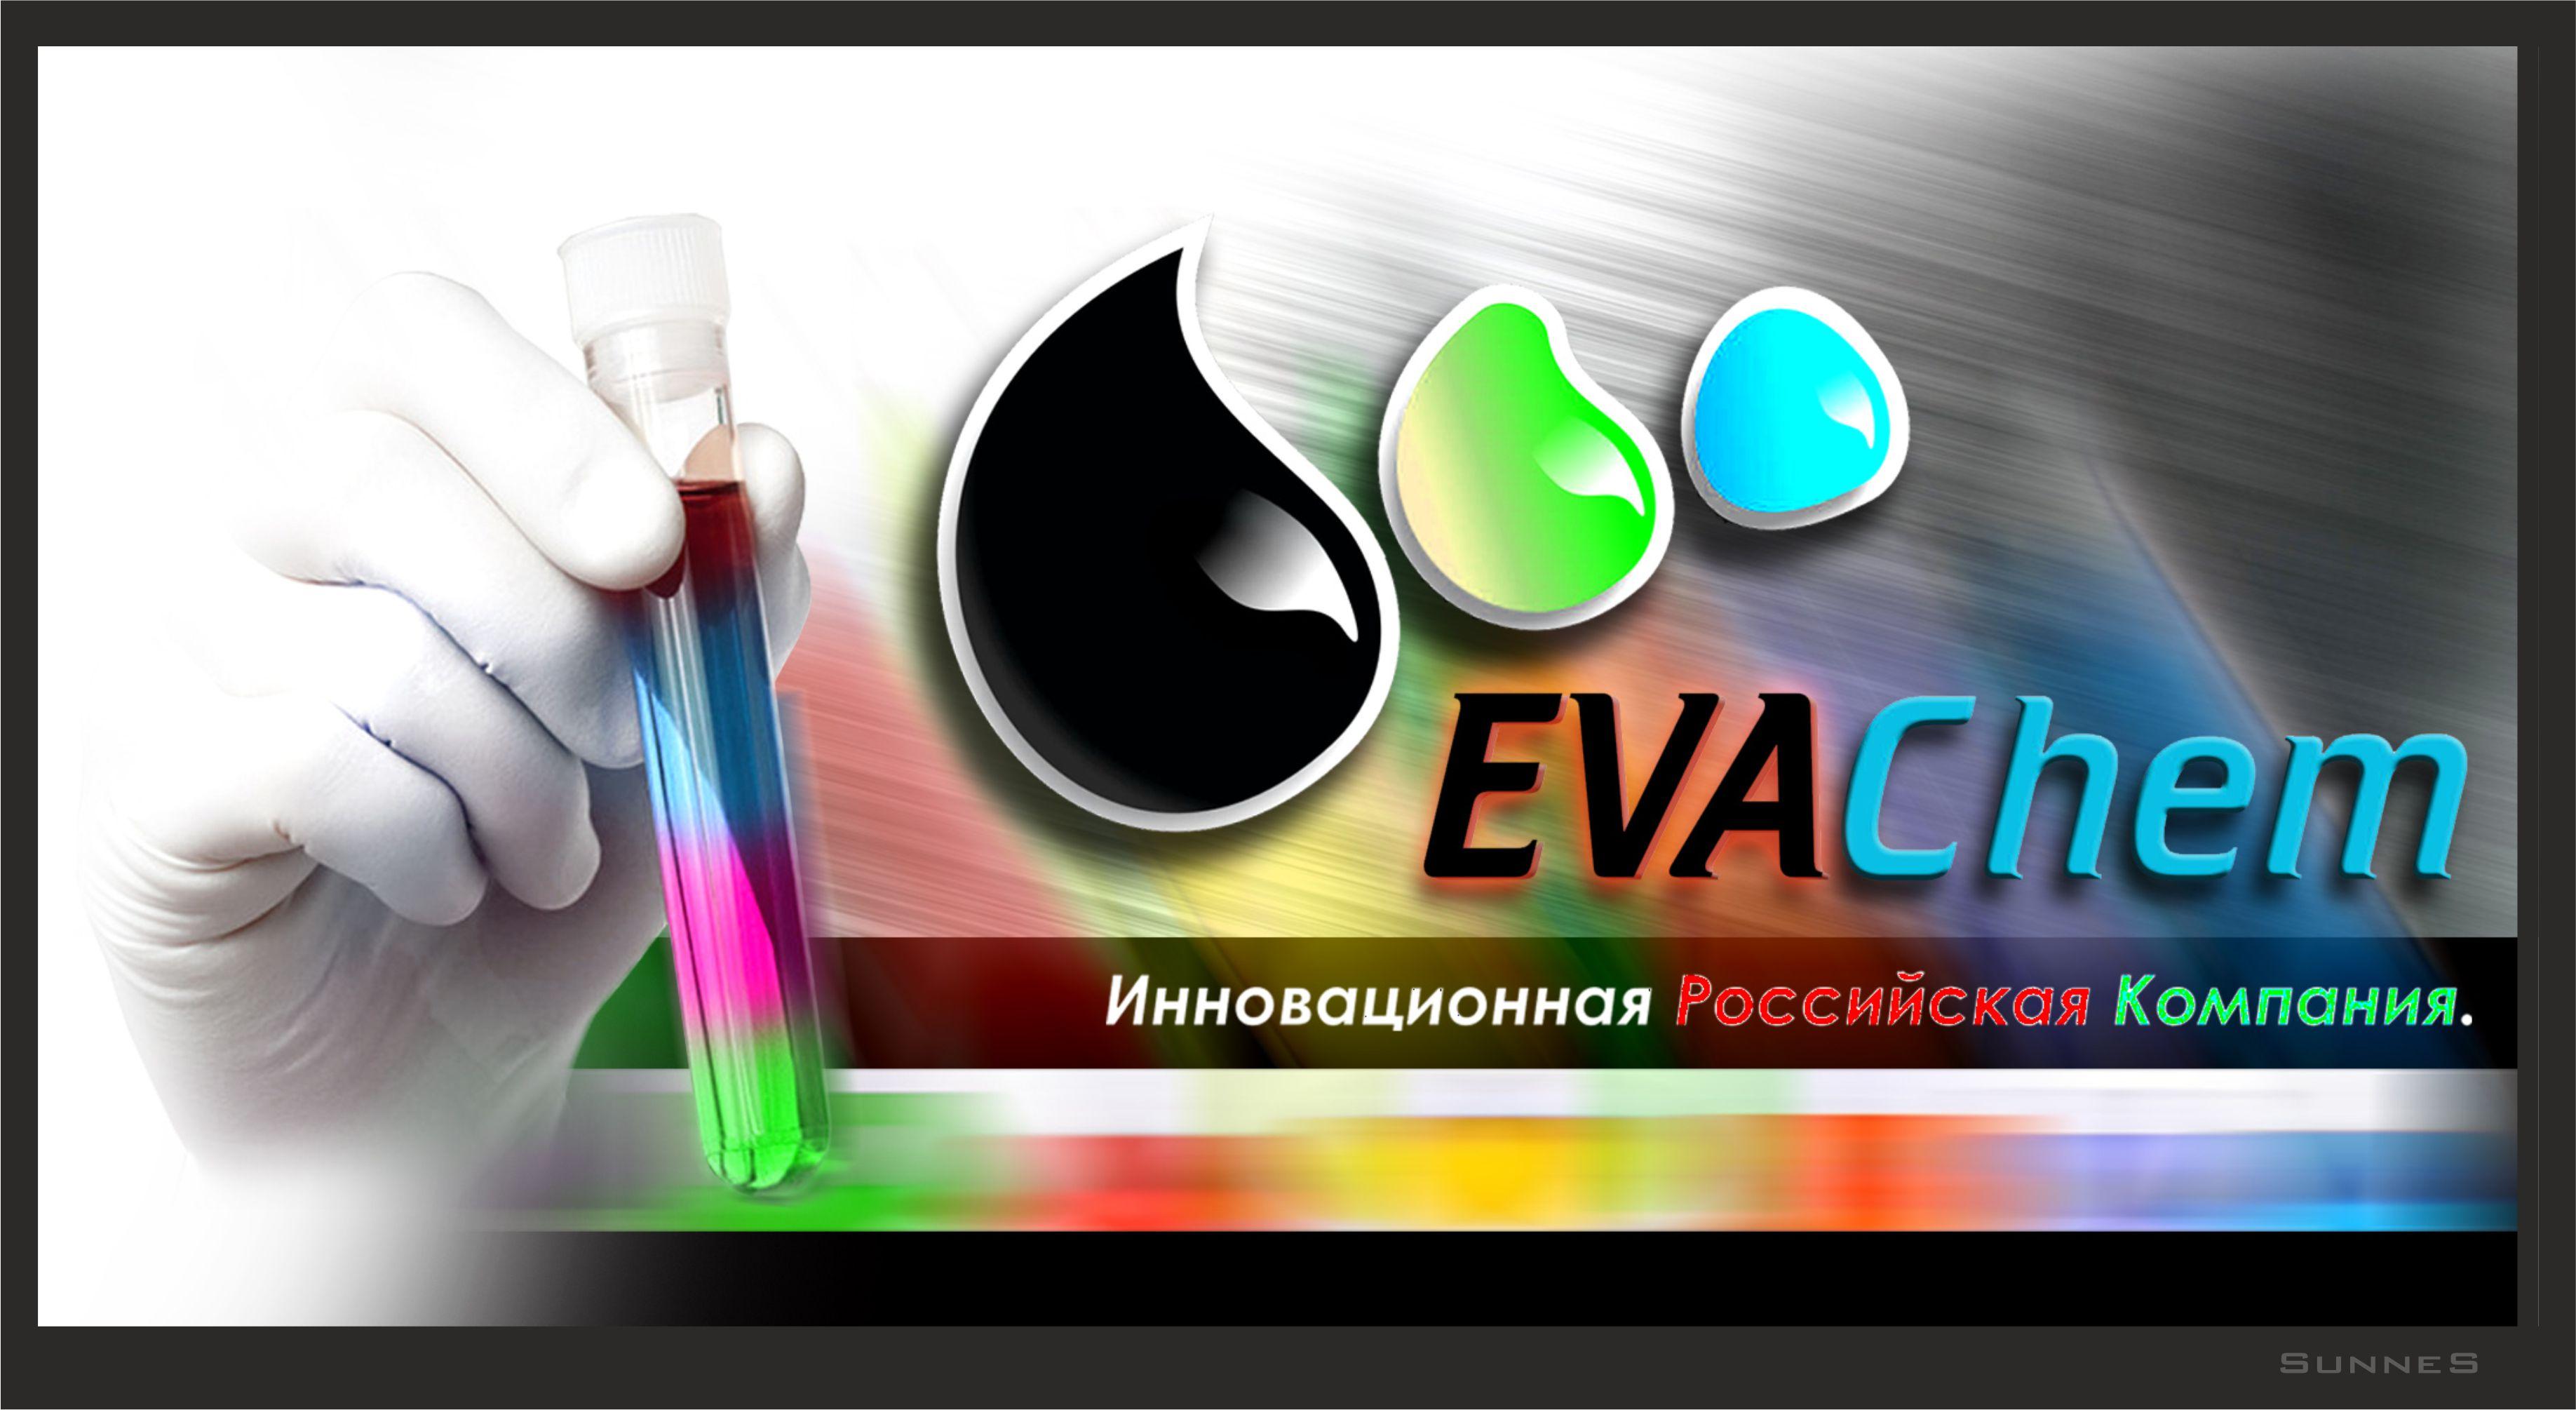 Разработка логотипа и фирменного стиля компании фото f_091572a25ea1b9a2.jpg